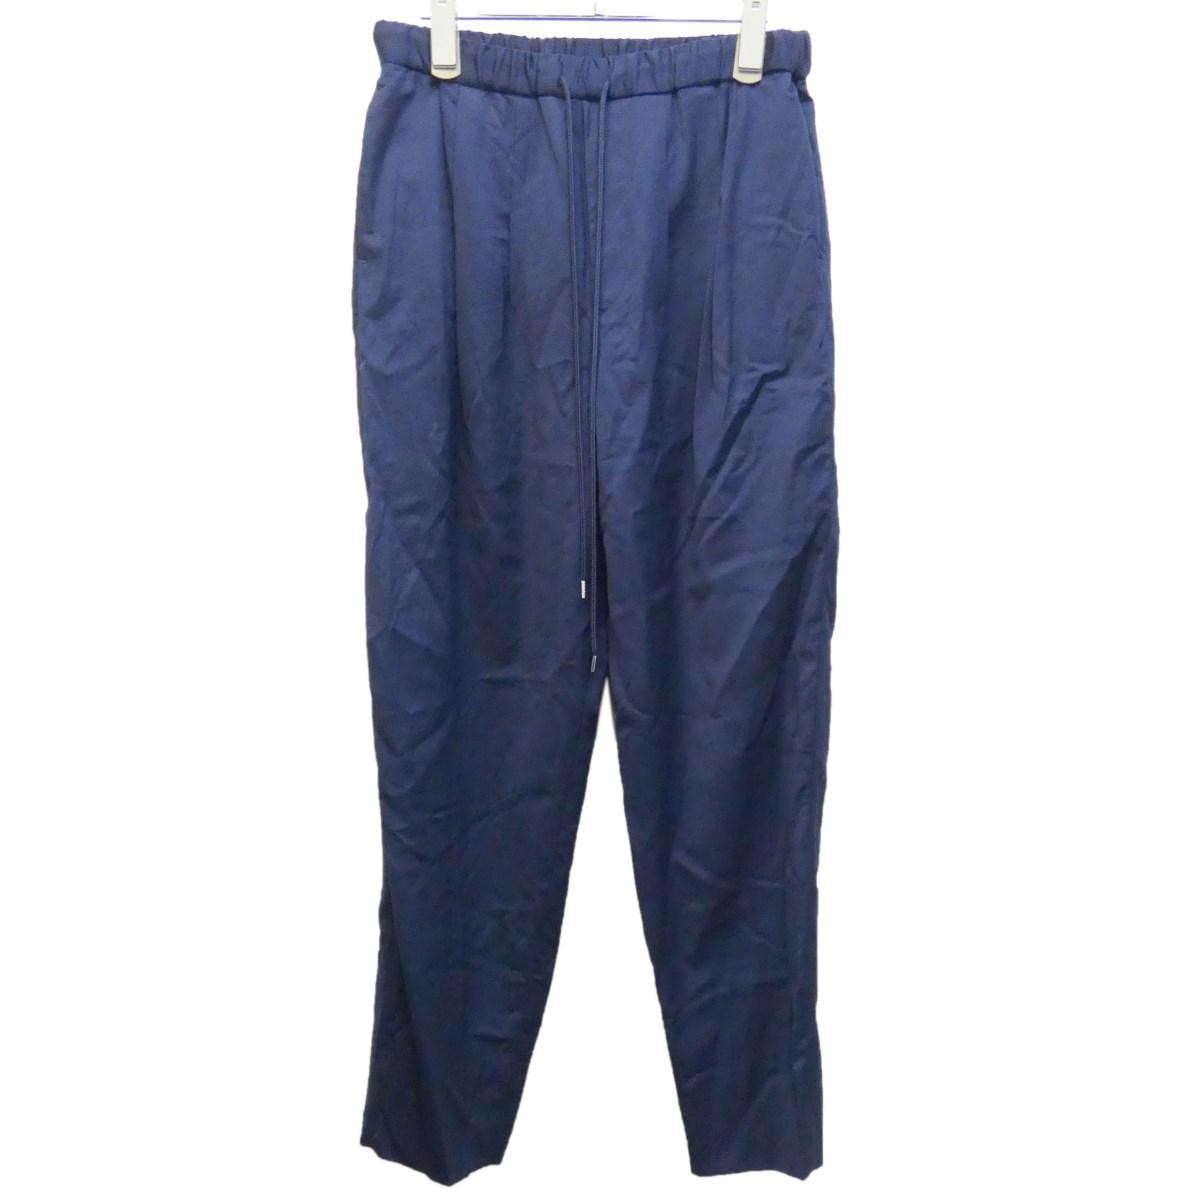 【中古】TOGA VIRILIS 19AW 「WOOL EASY PANTS」イージーパンツ ネイビー サイズ:46 【240220】(トーガ ヴィリリース)